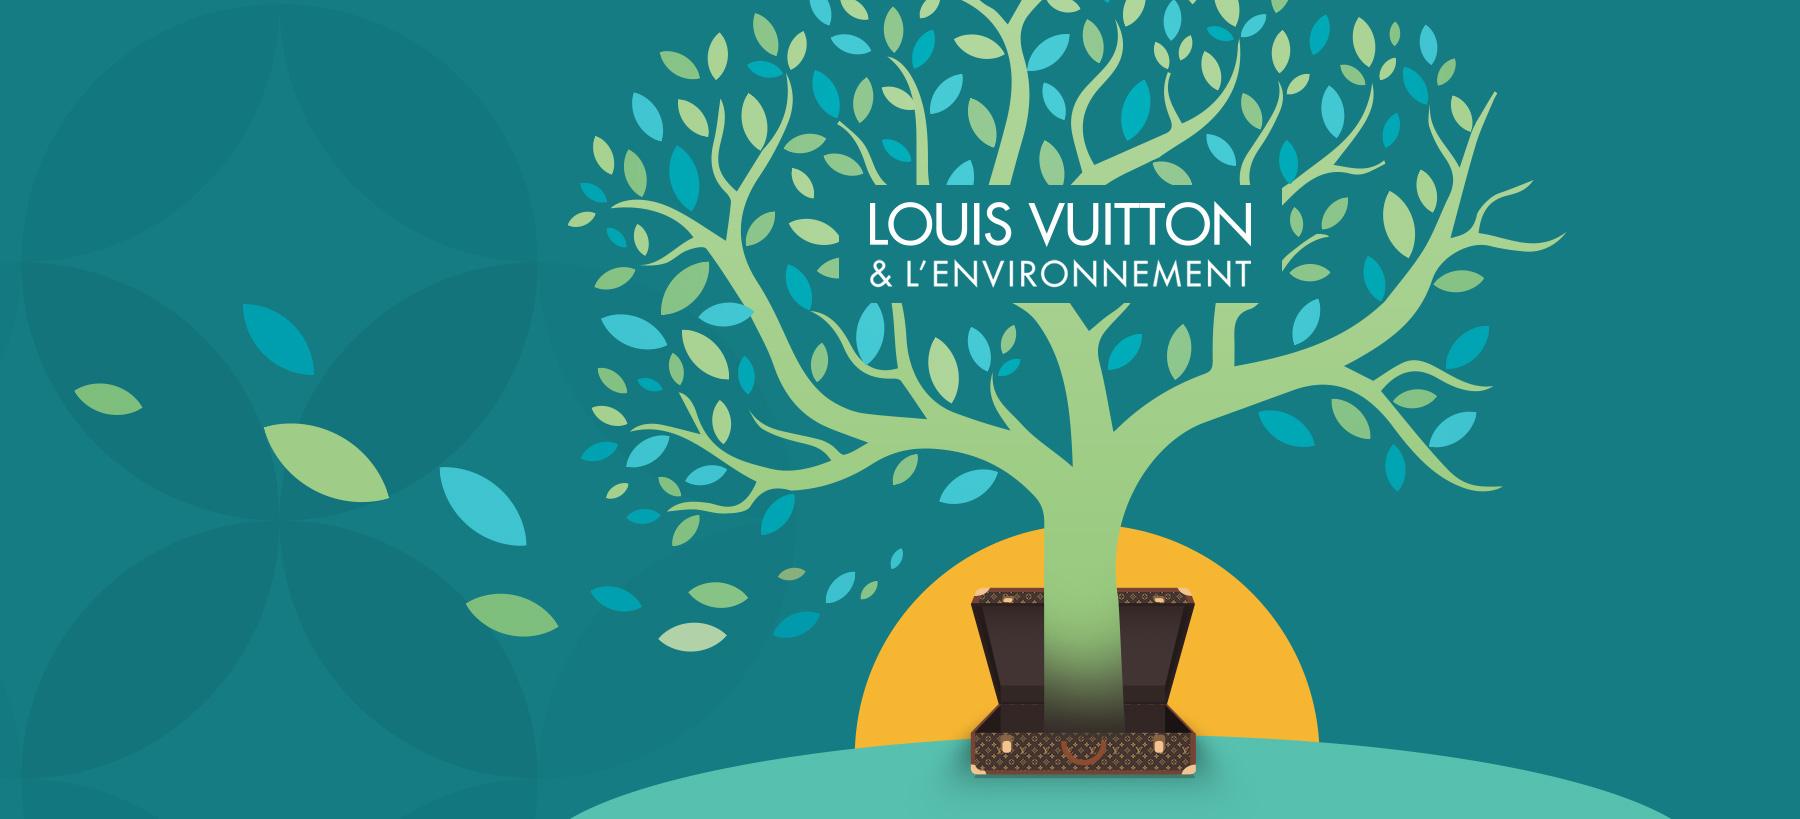 Directeur artistique freelance - Louis Vuitton - Site Internet